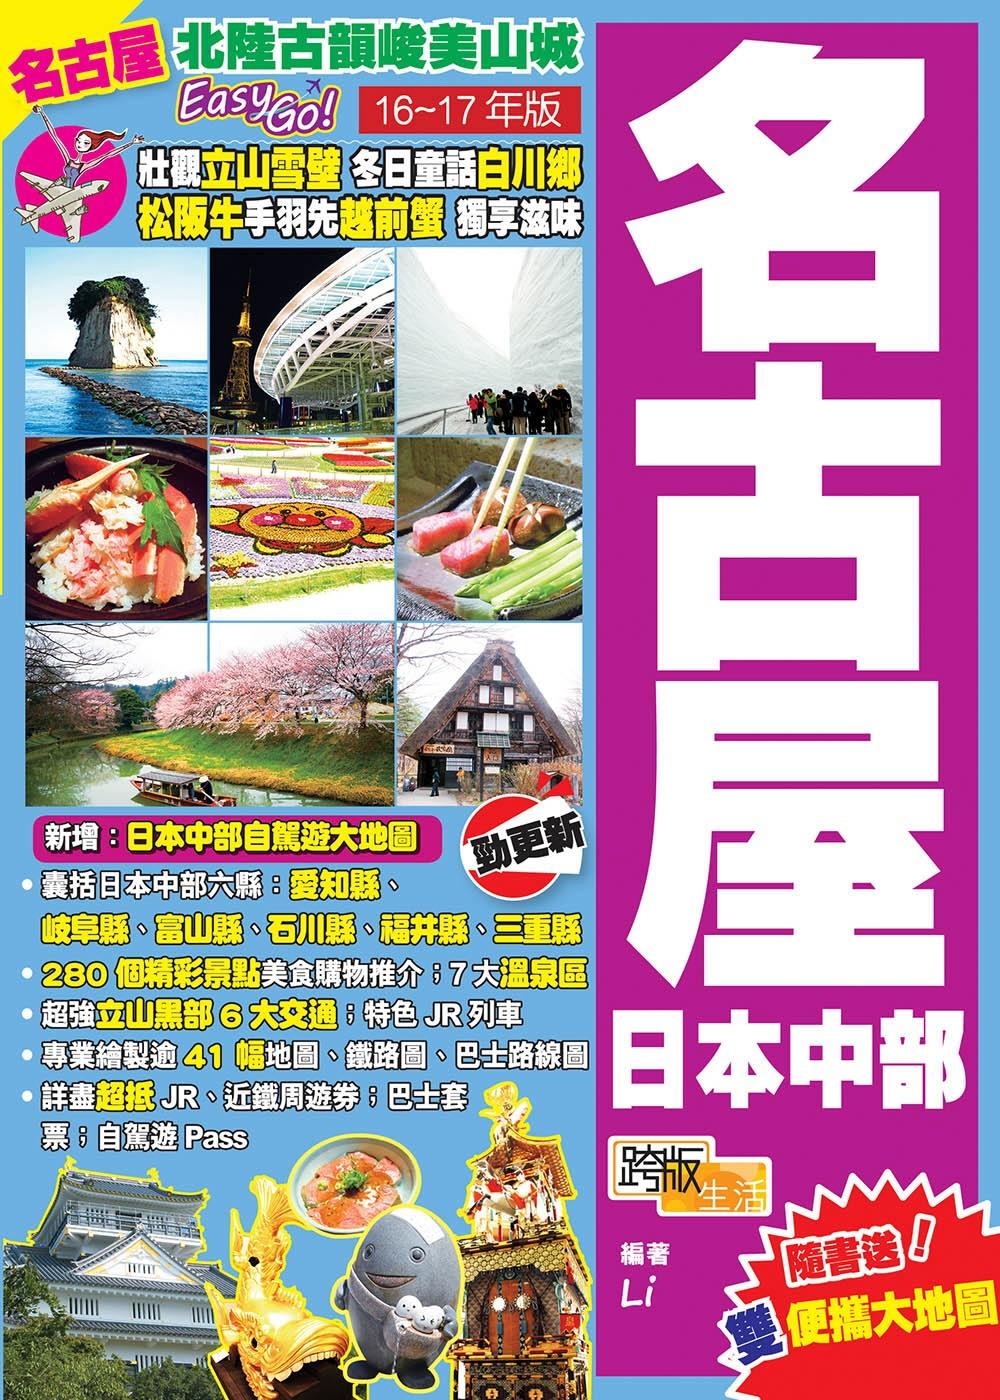 北陸古韻峻美山城Easy GO!:名古屋日本中部 (2016-17年版)